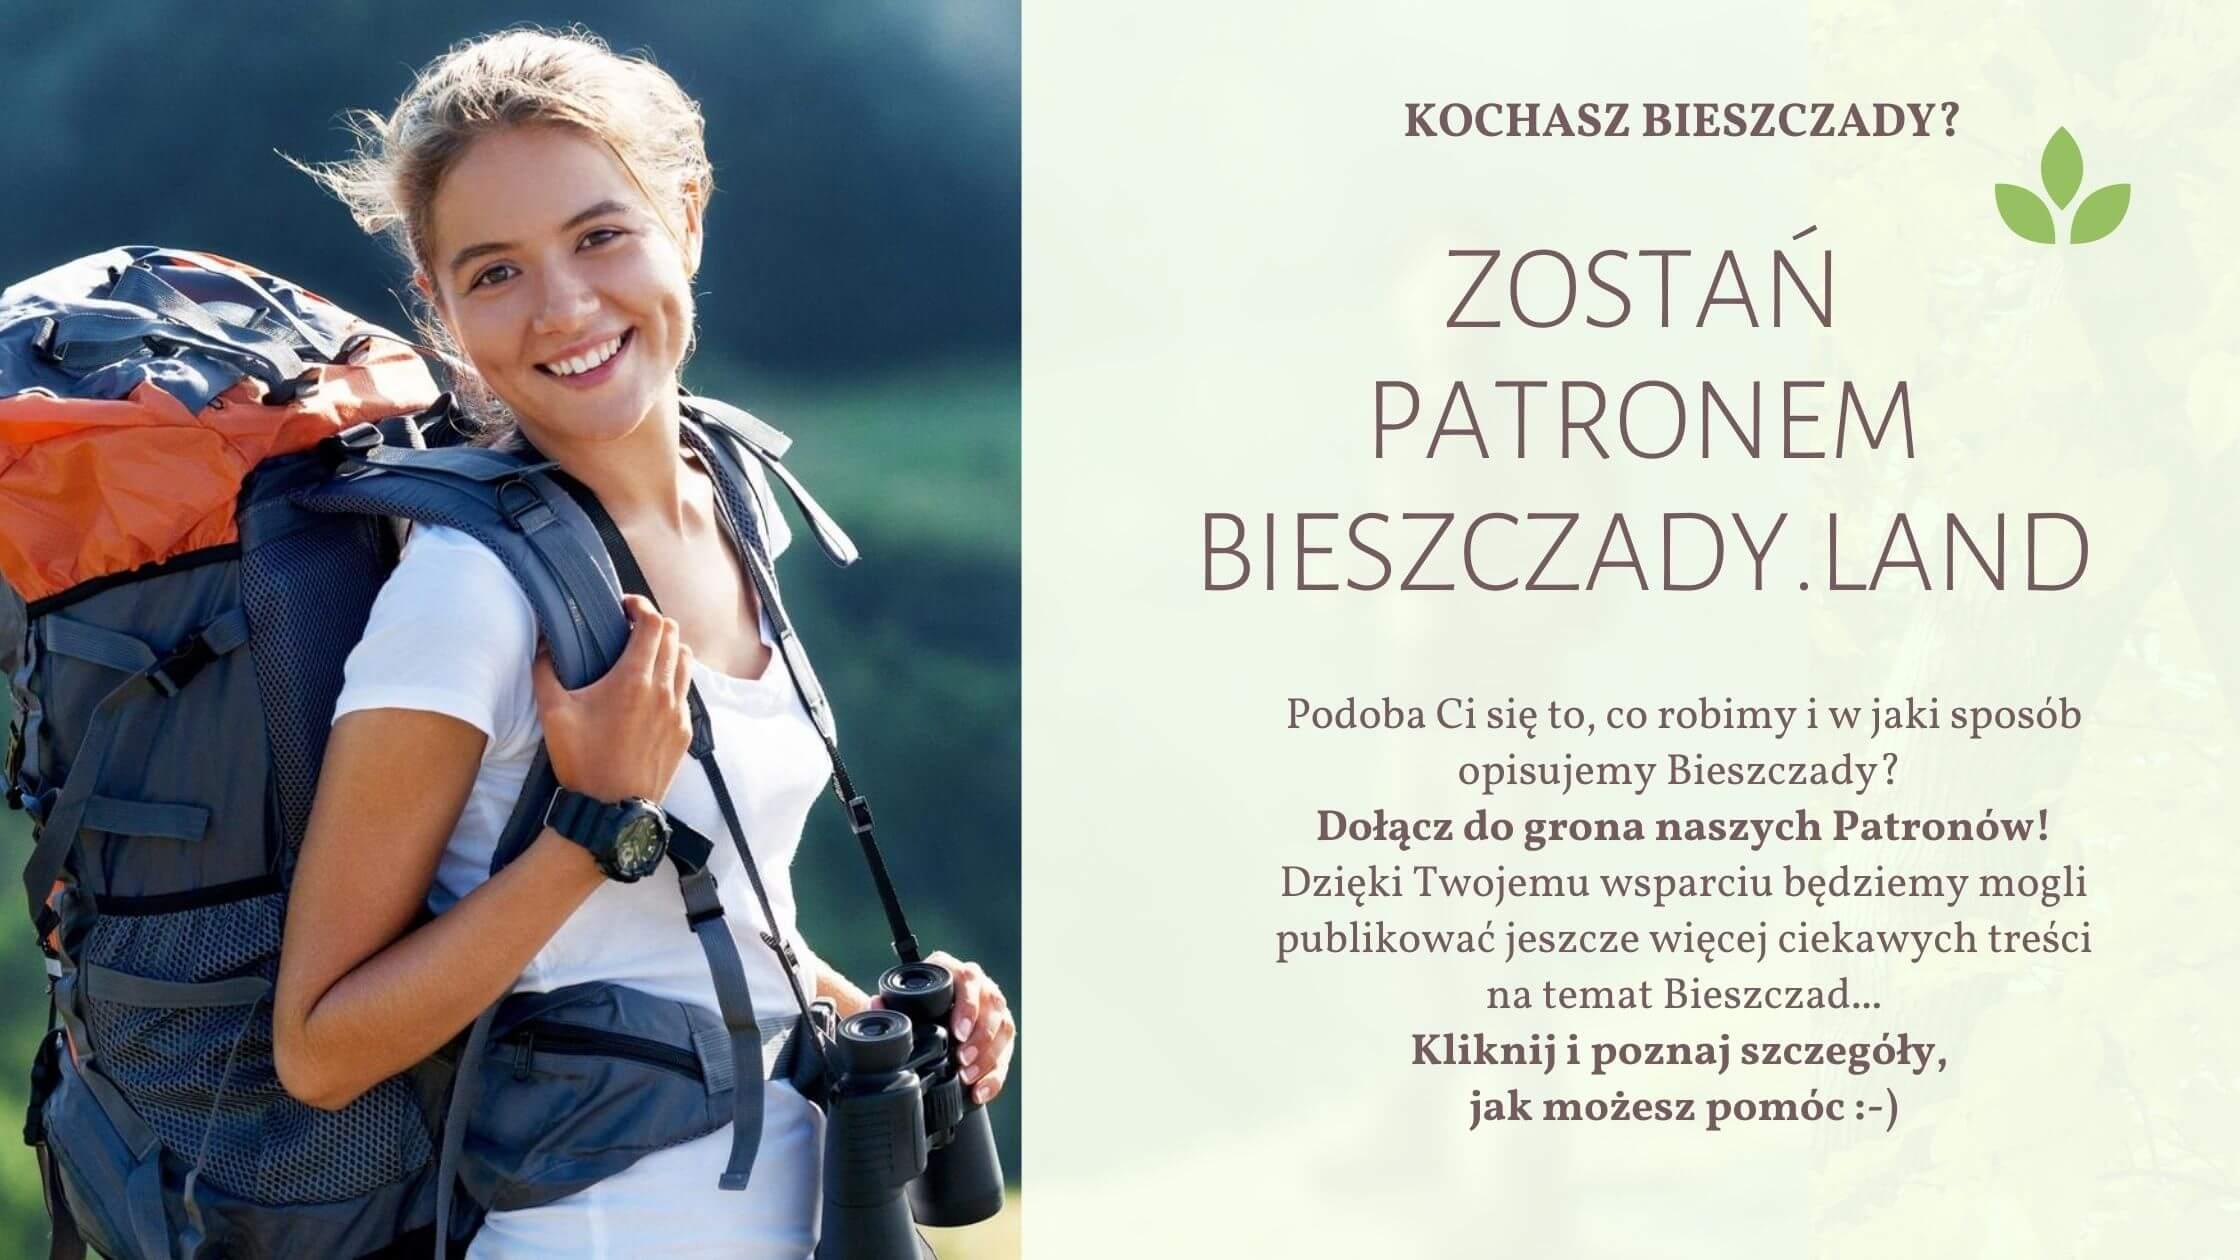 Zostań patronem portalu Bieszczady.Land